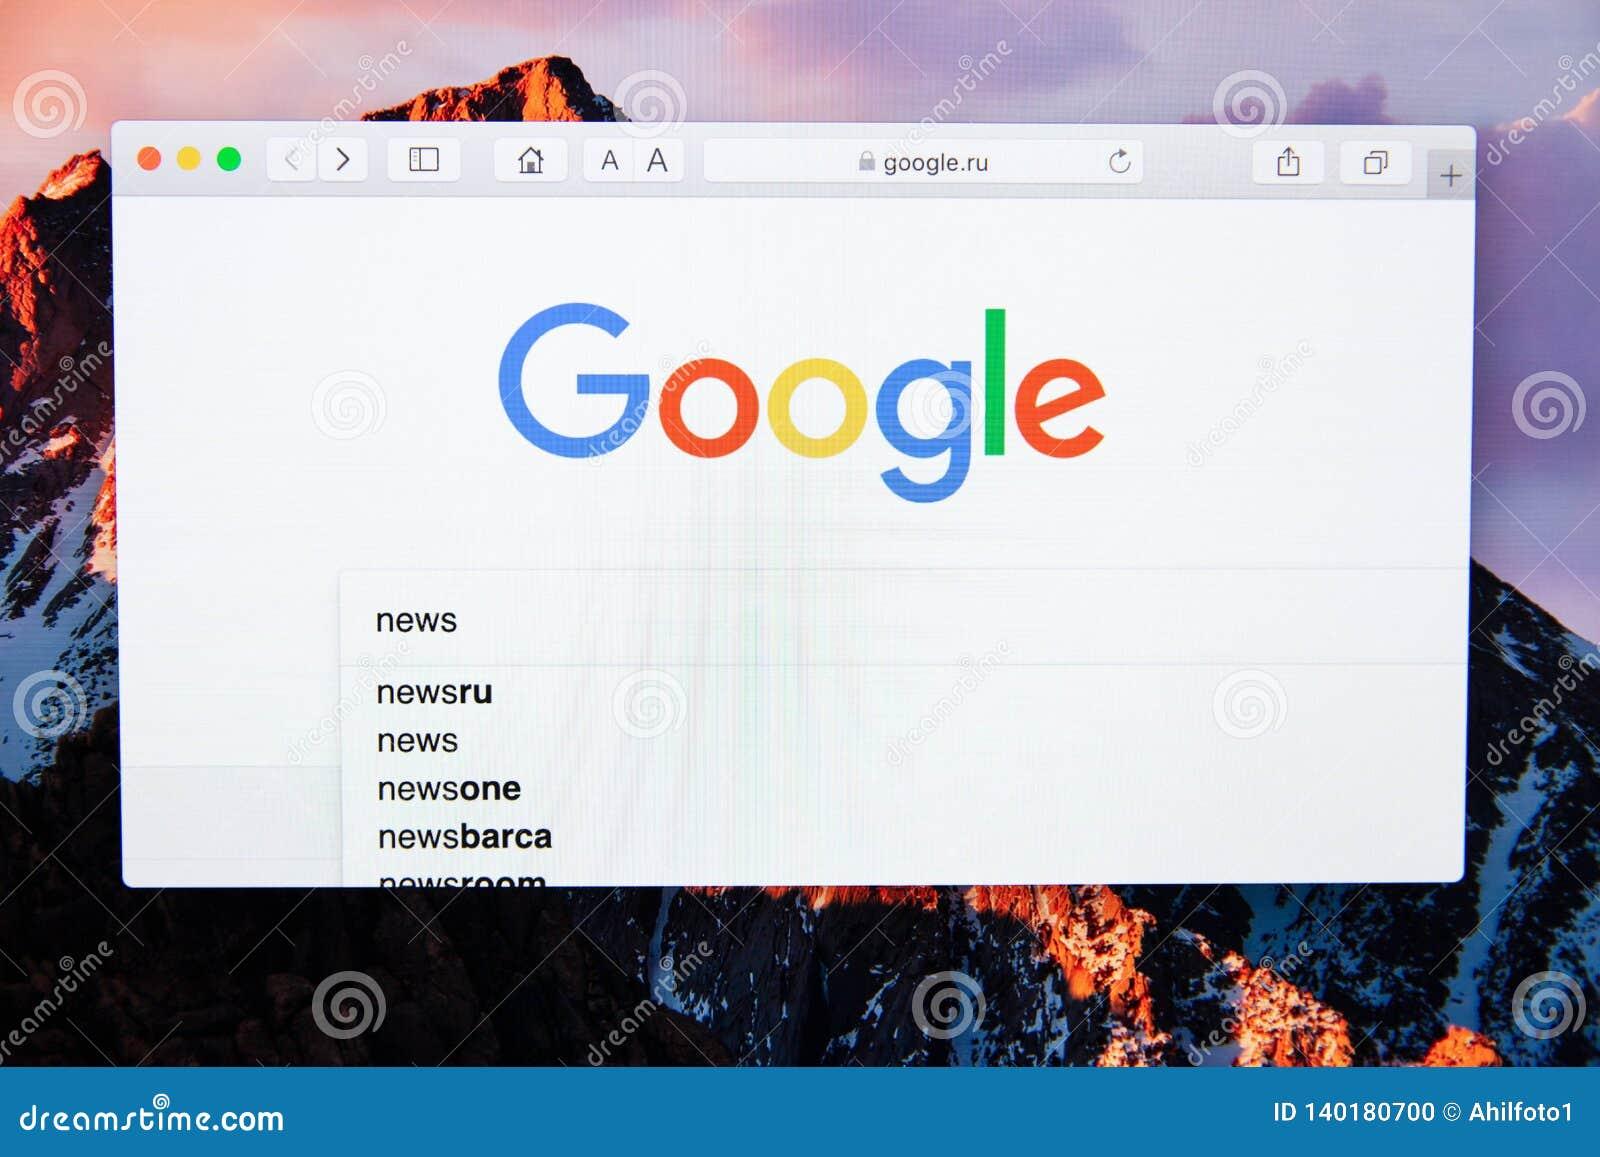 Moskau/Russland - 20. Februar 2019: Suchwortnachrichten in Google